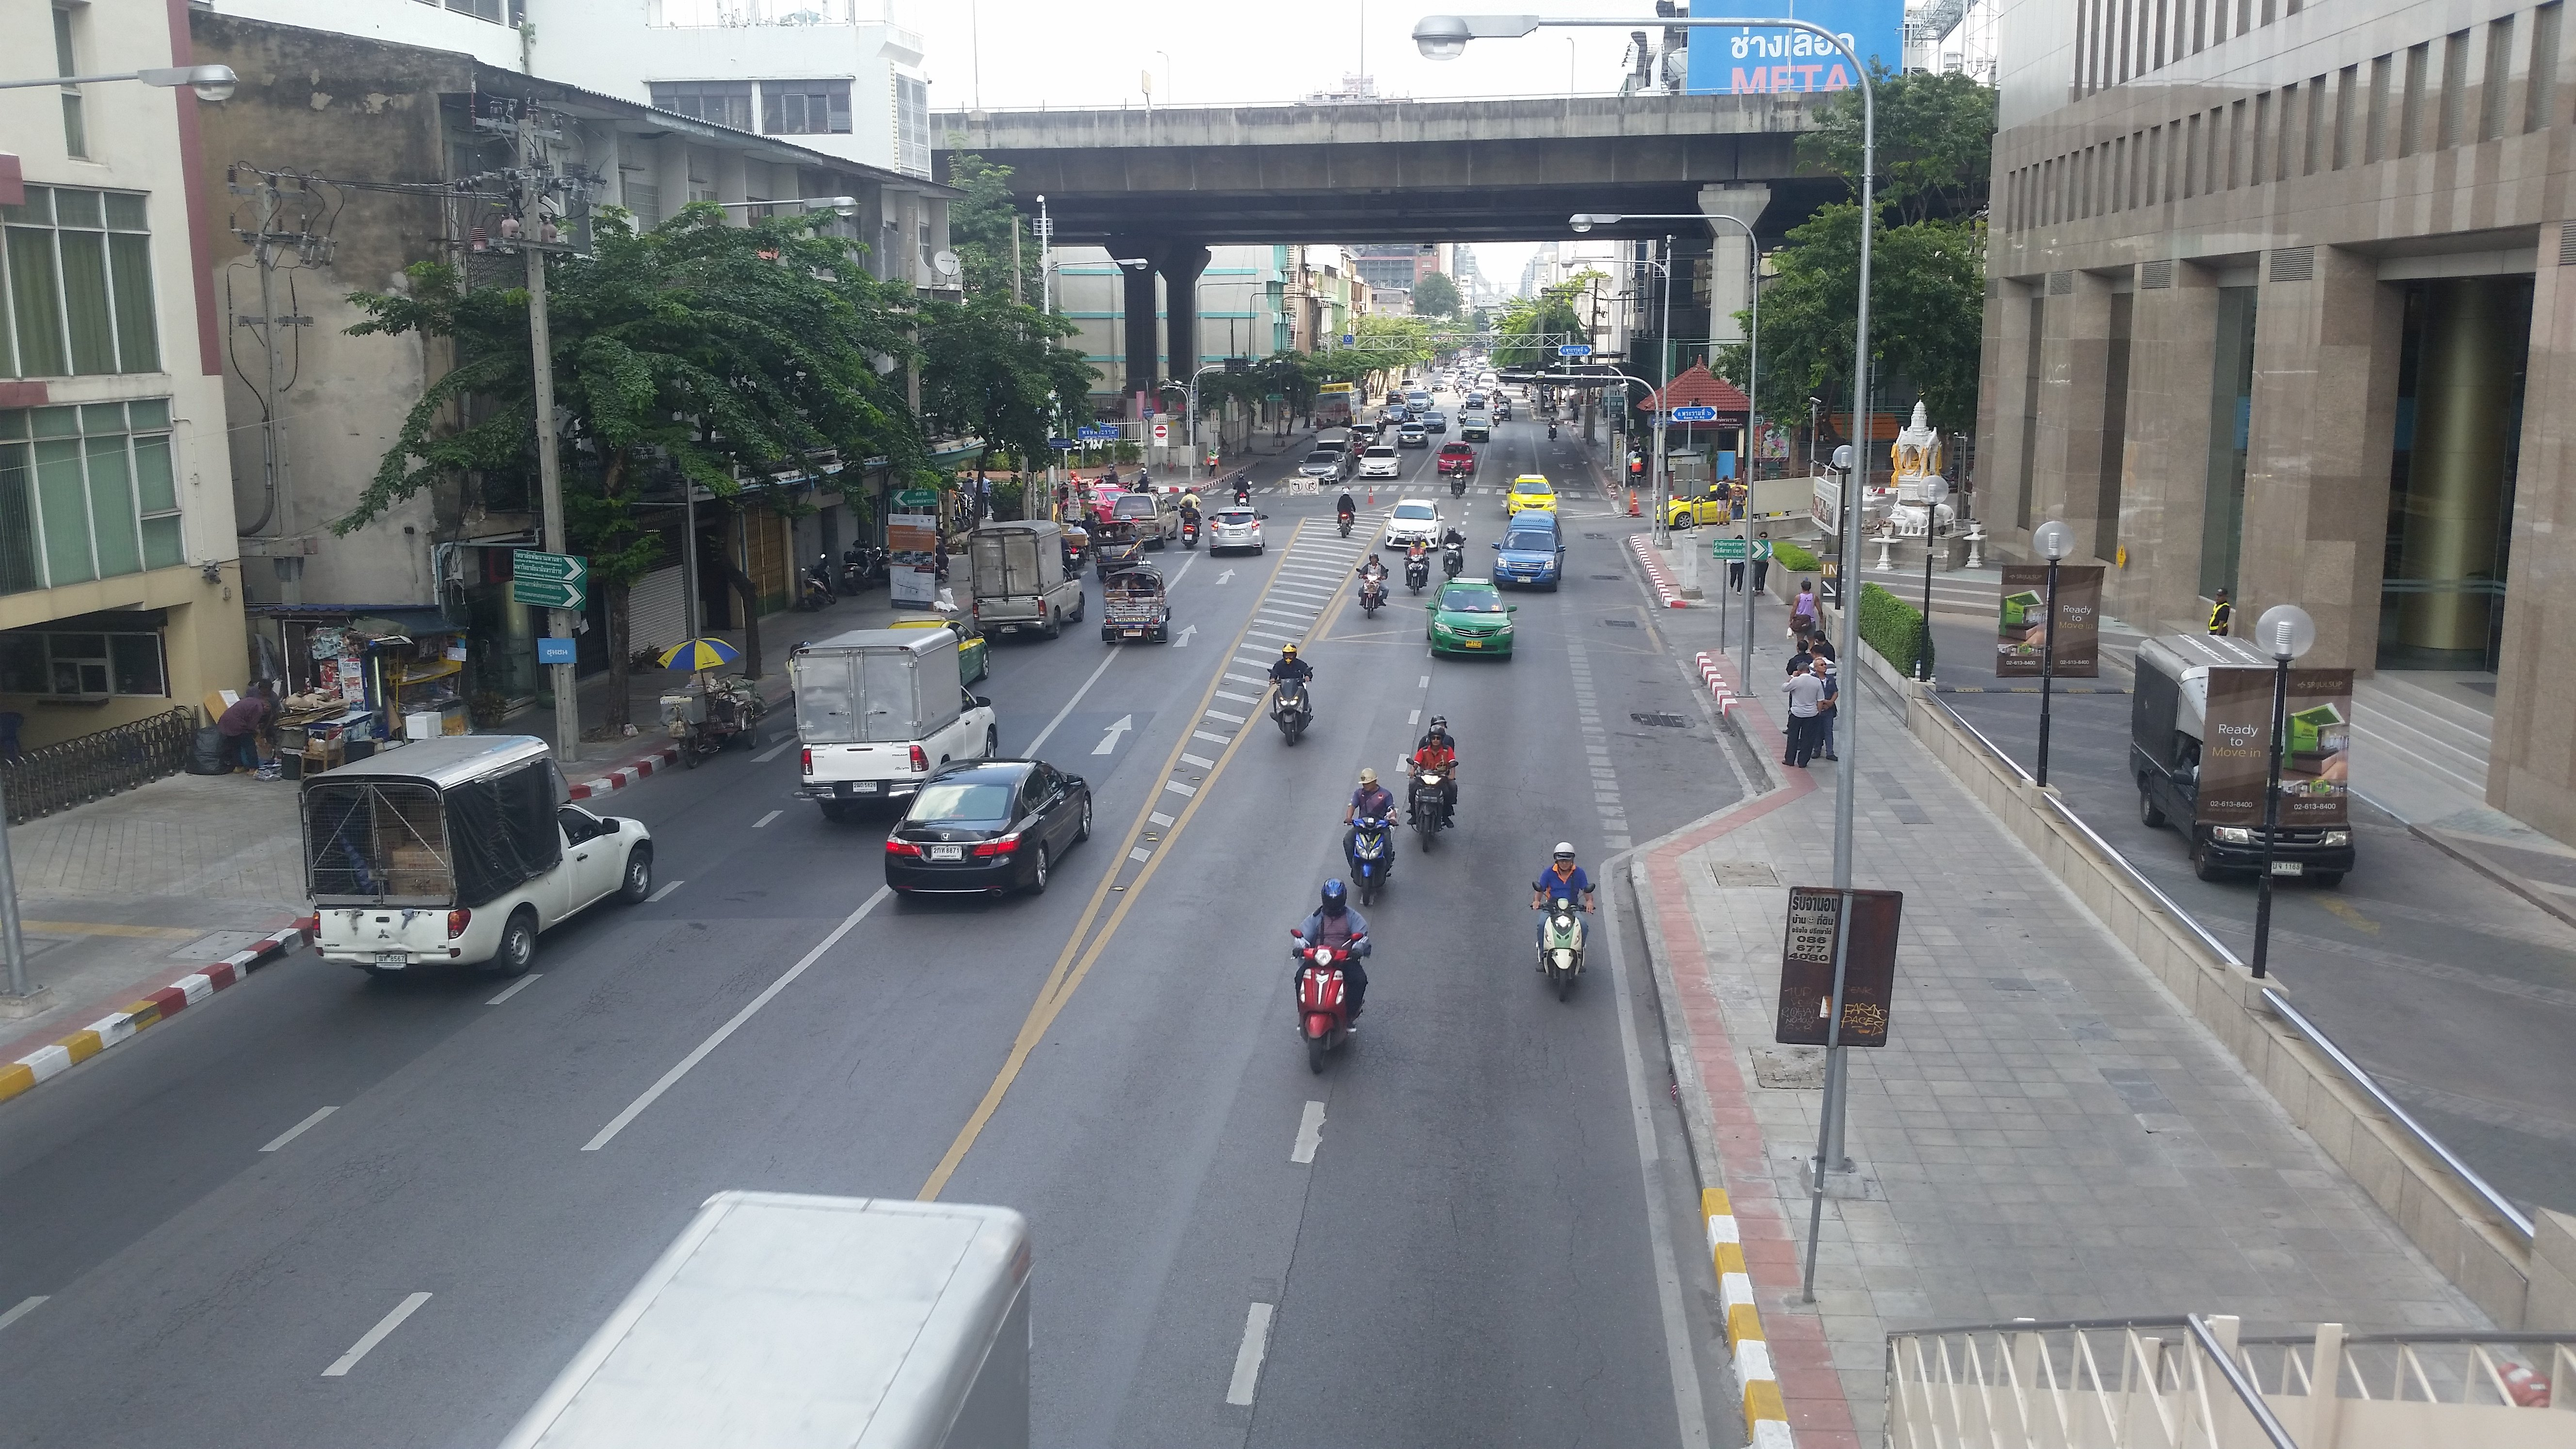 View from a pedestrian overpass.